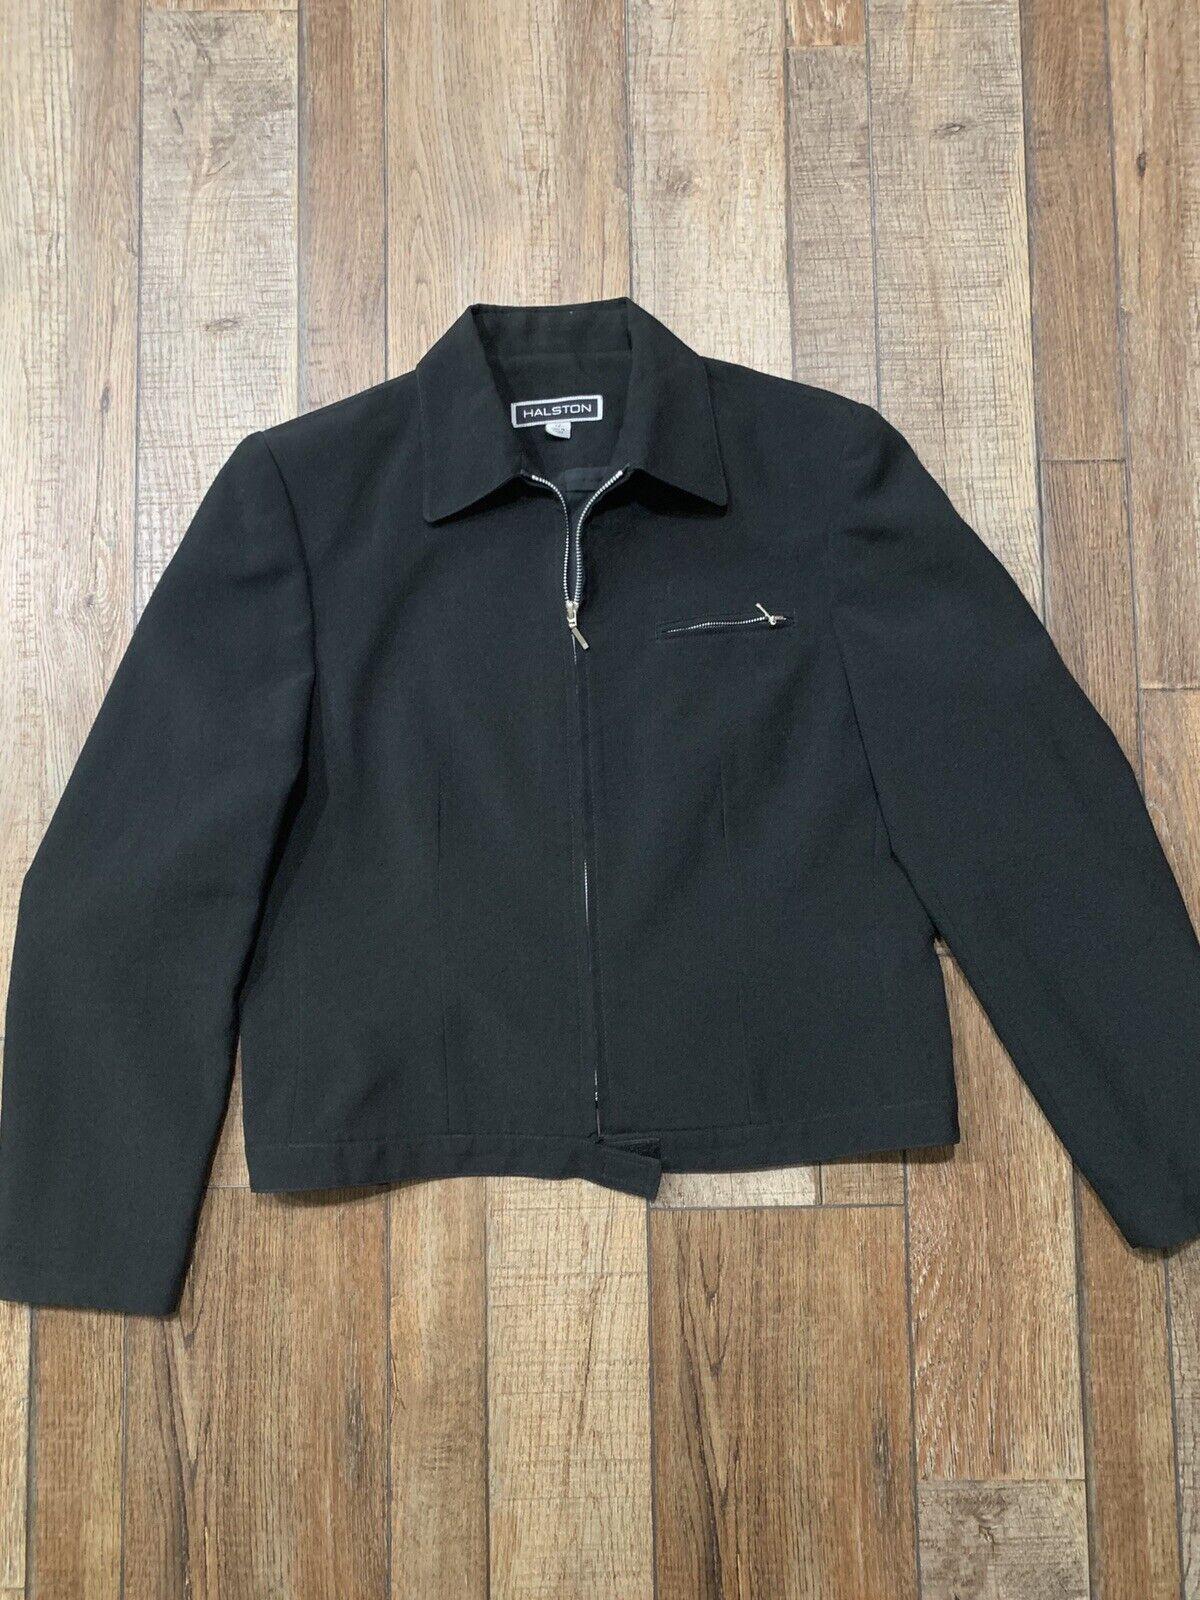 Vintage Halston Womens Size 12 Jacket - image 1